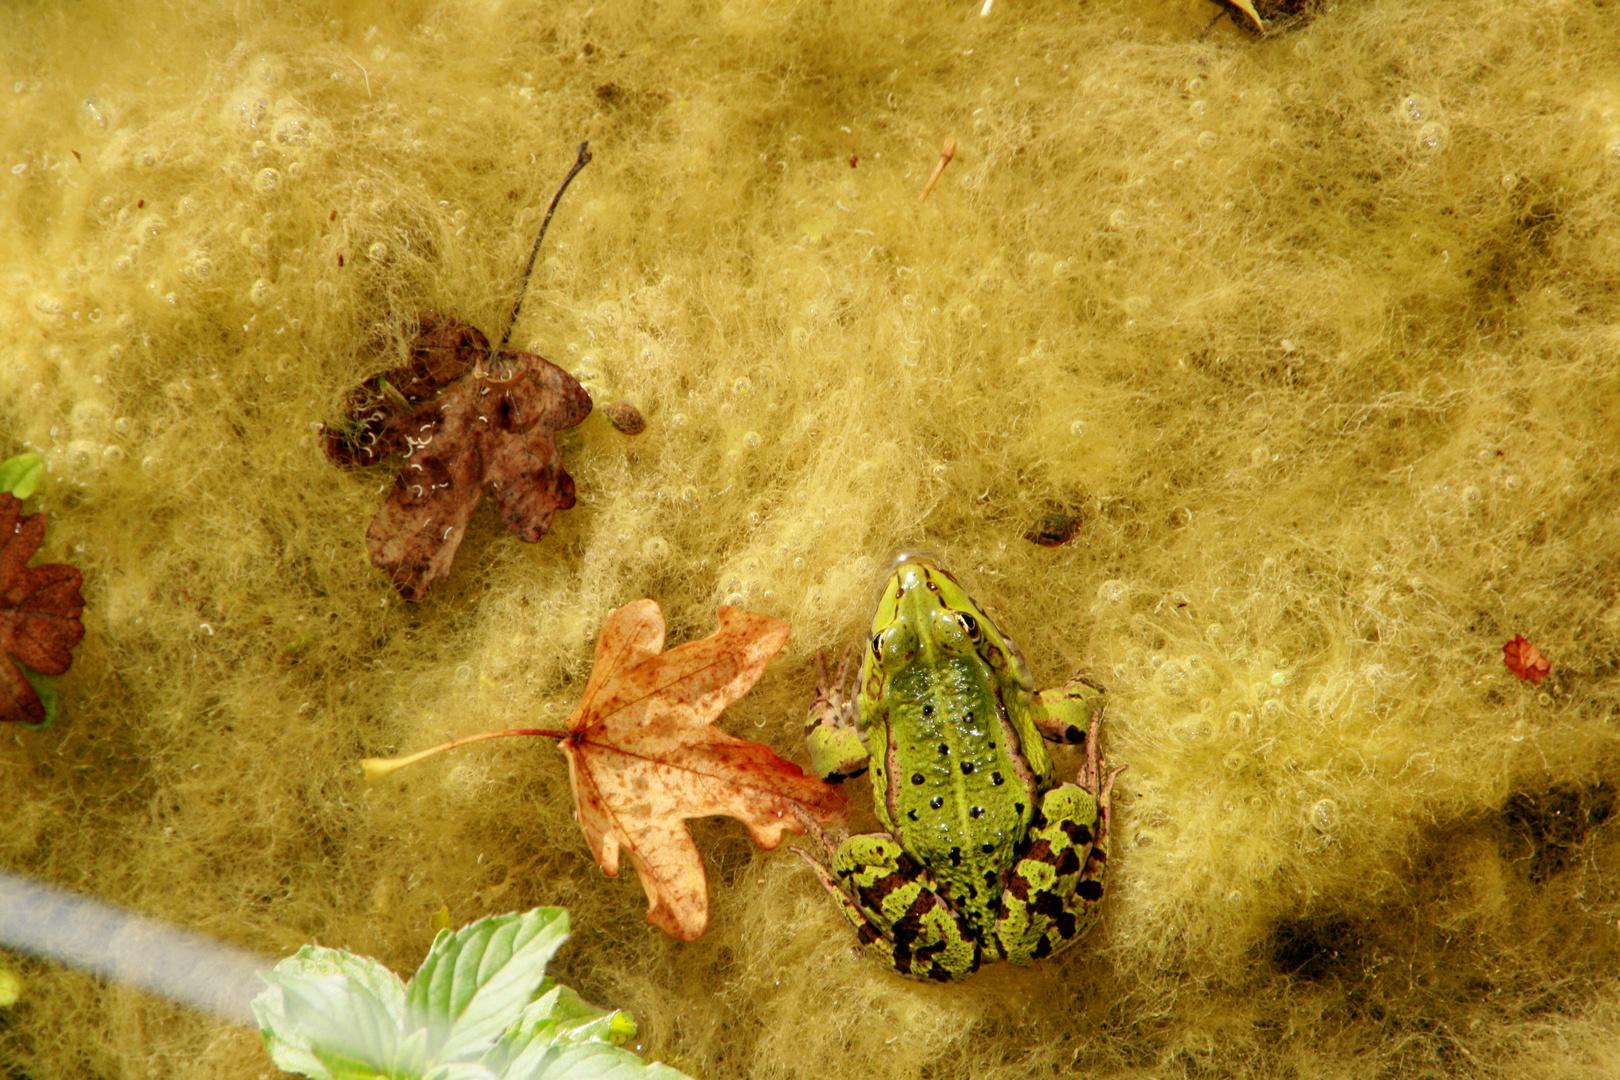 Frosch im Bild